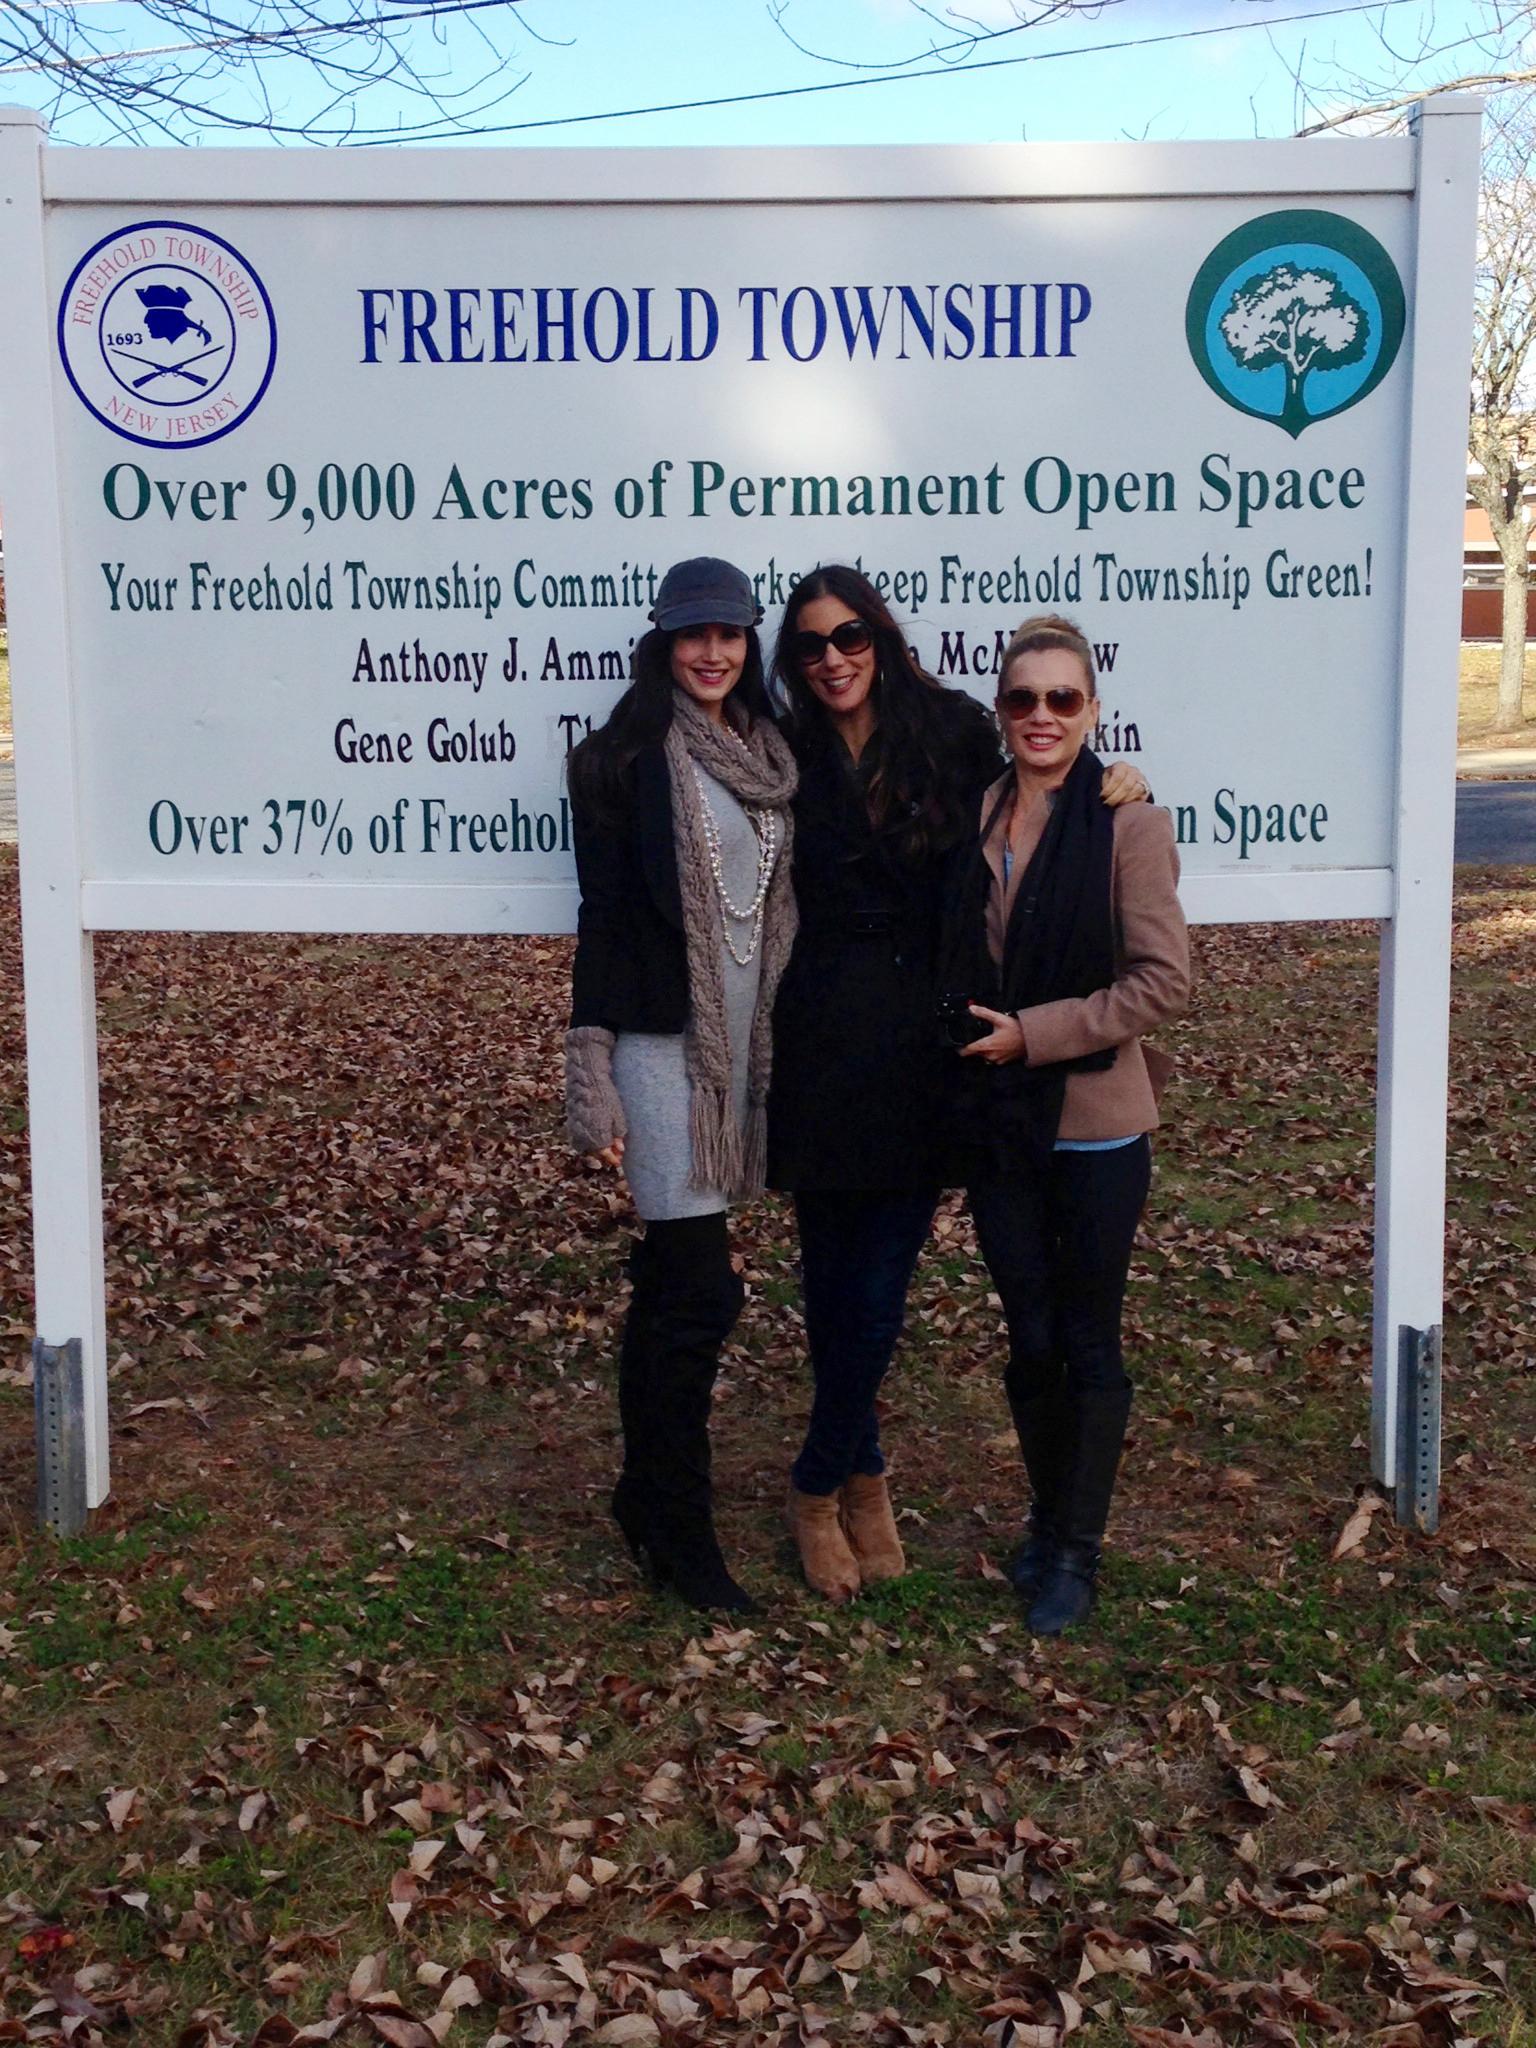 In Freehold, NJ